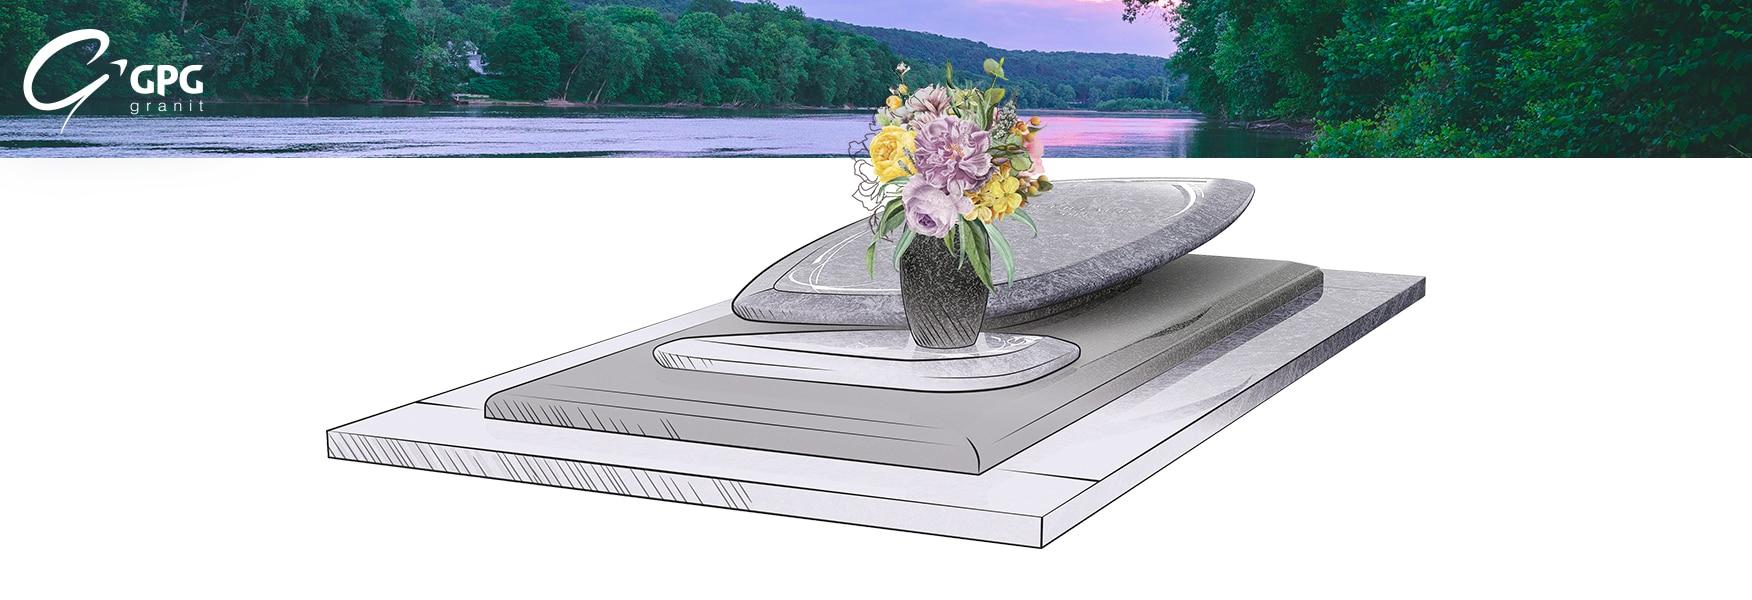 Monument funéraire à l'univers apaisant, le GPG 445/I